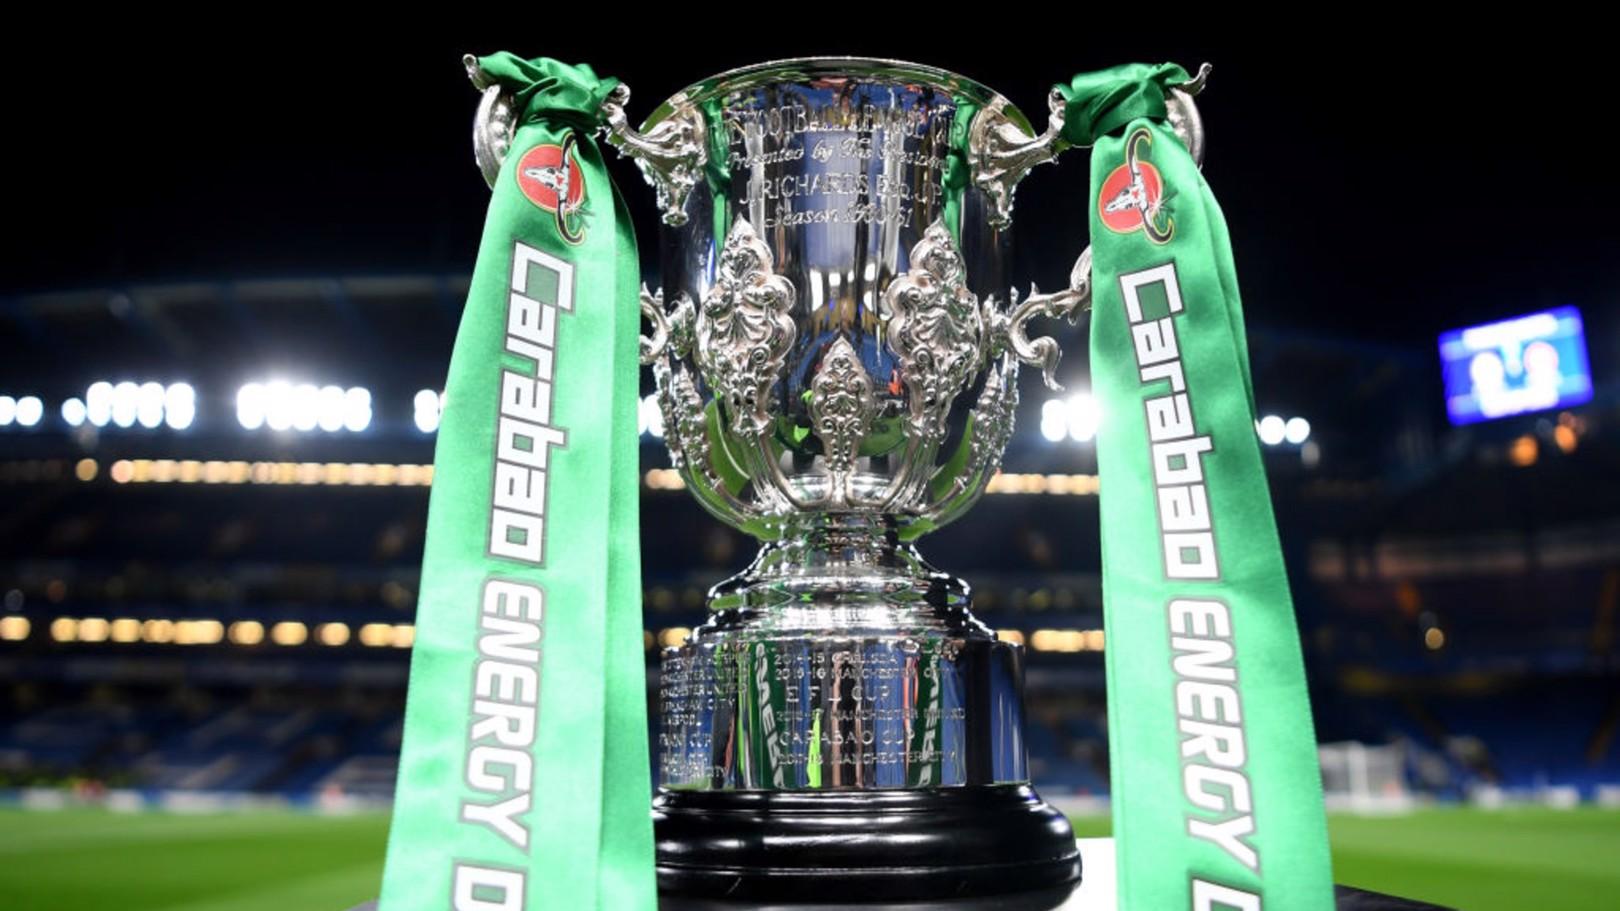 City affrontera le Wycombe Wanderers FC au troisième tour de la Carabao Cup